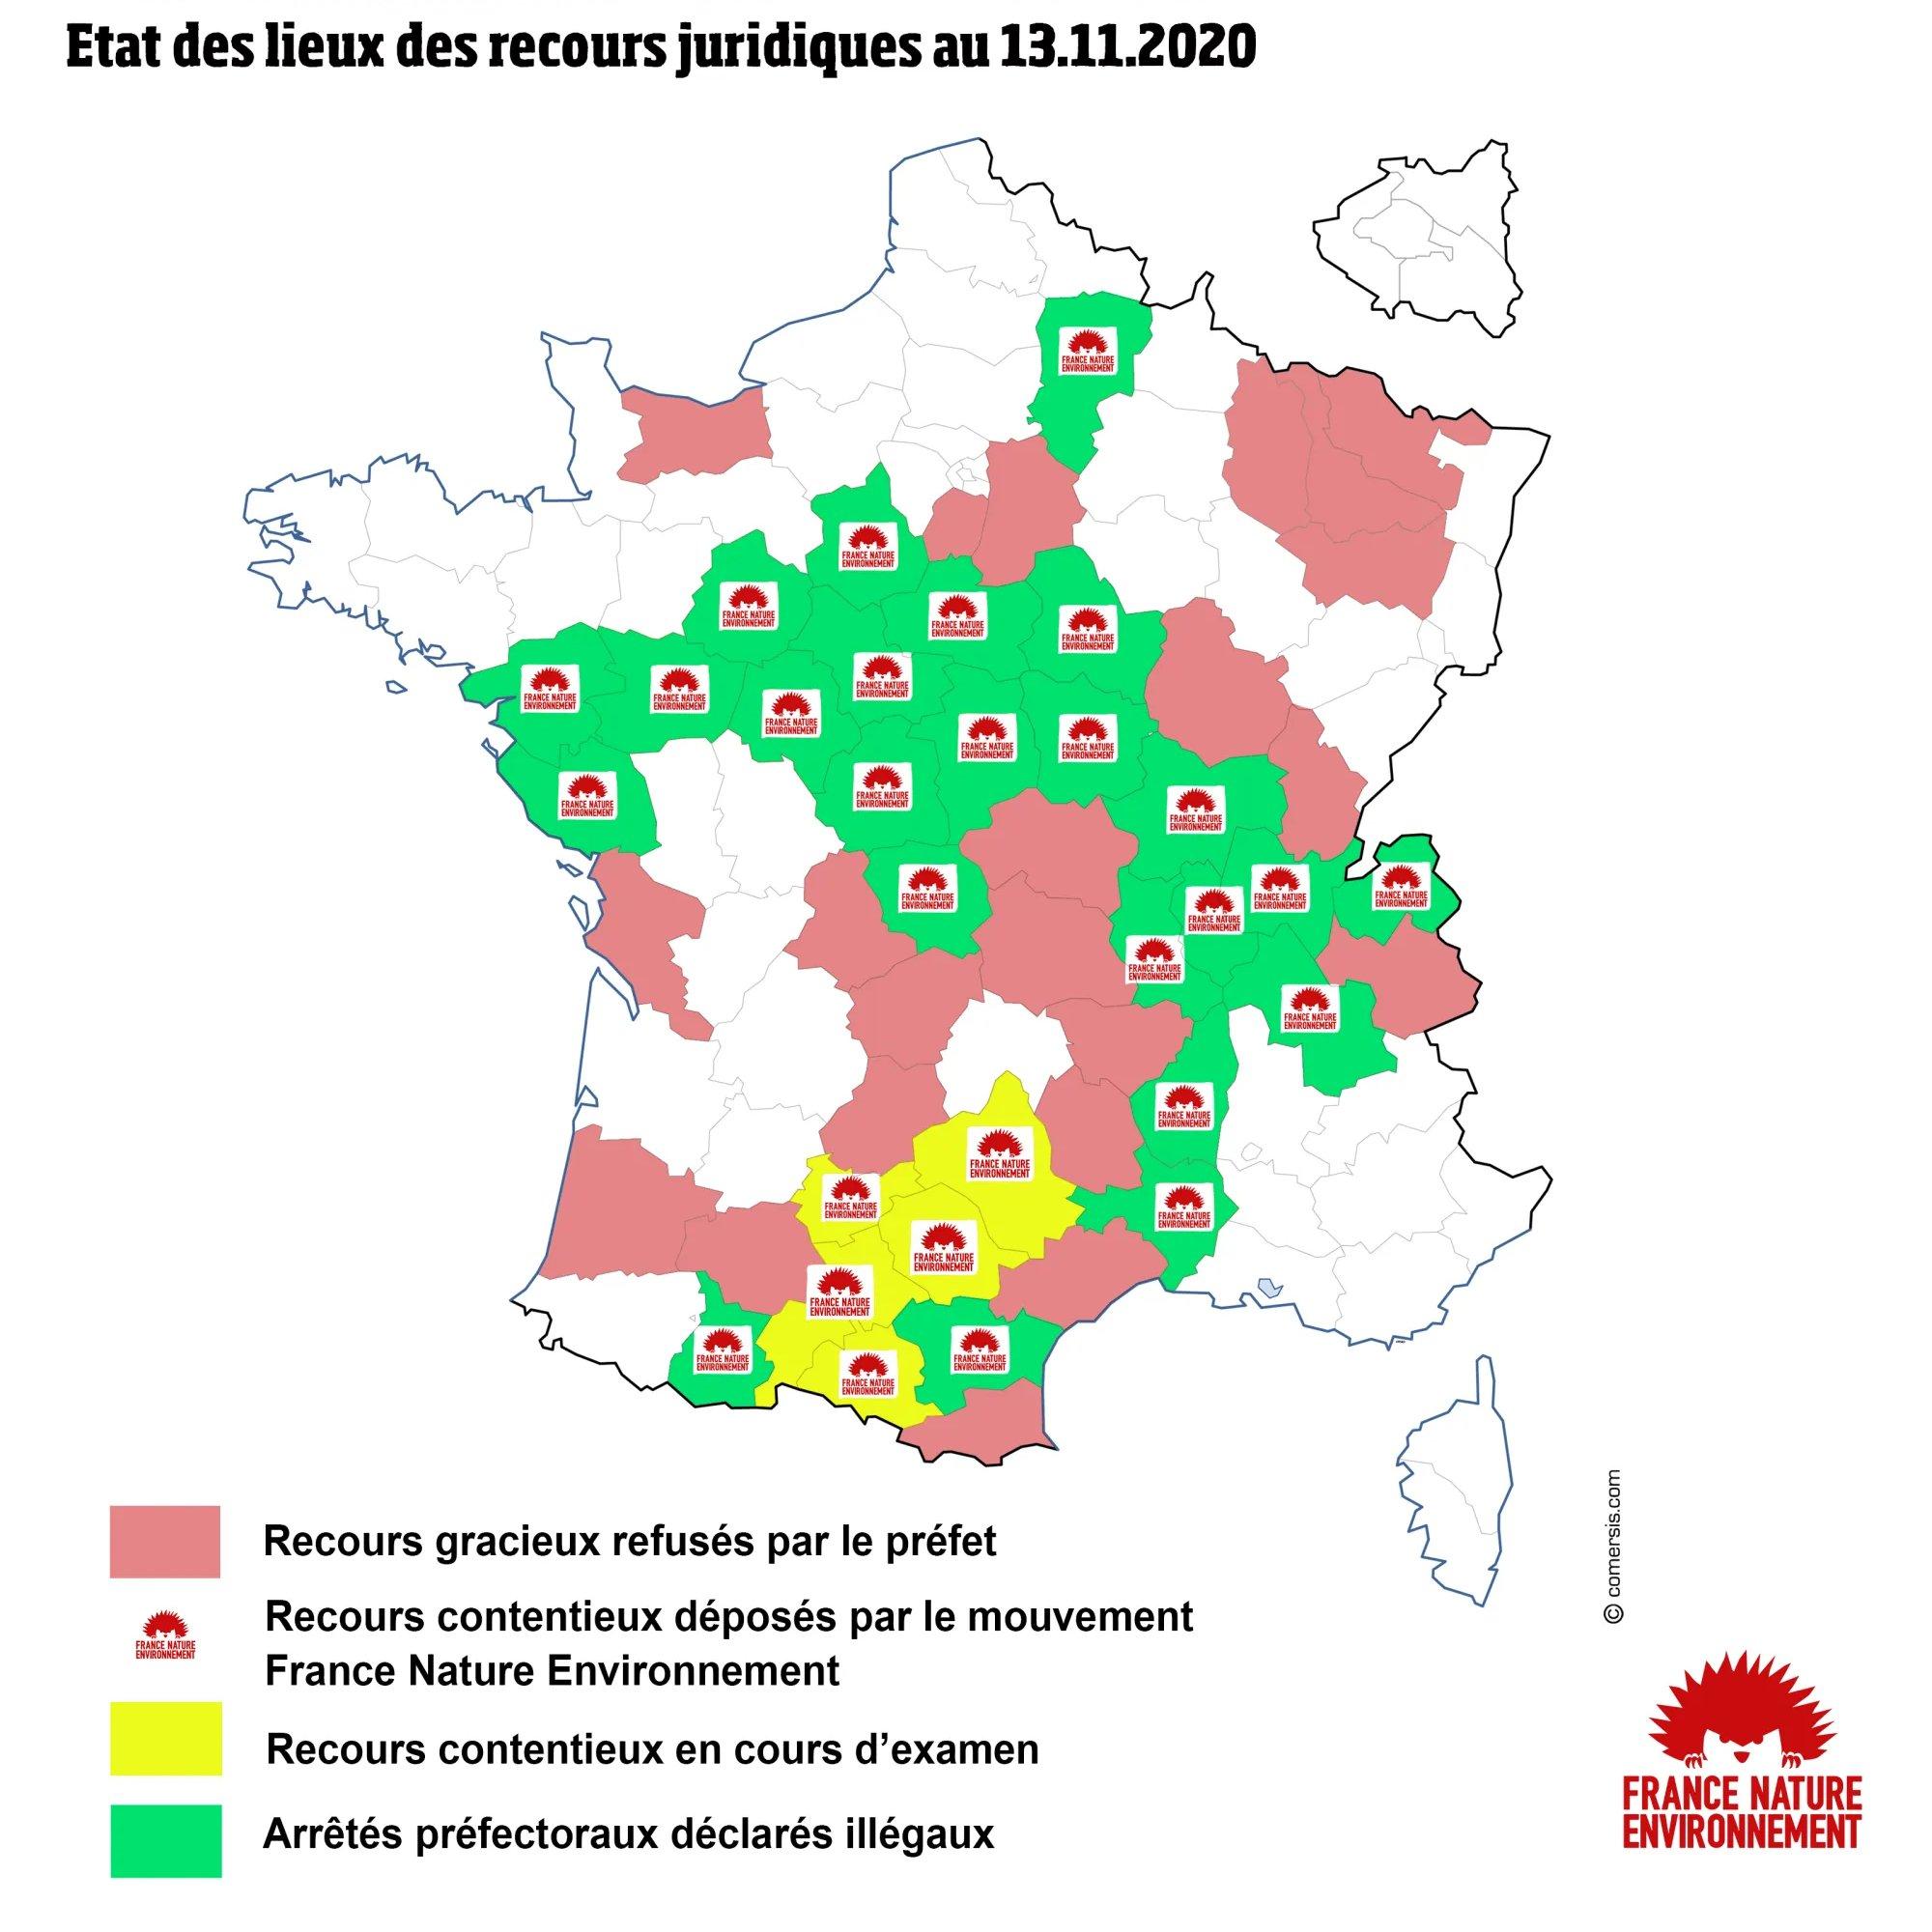 Les préfets de département des Pays de la Loire condamnés à mieux protéger l'eau vis-à-vis des pesticides